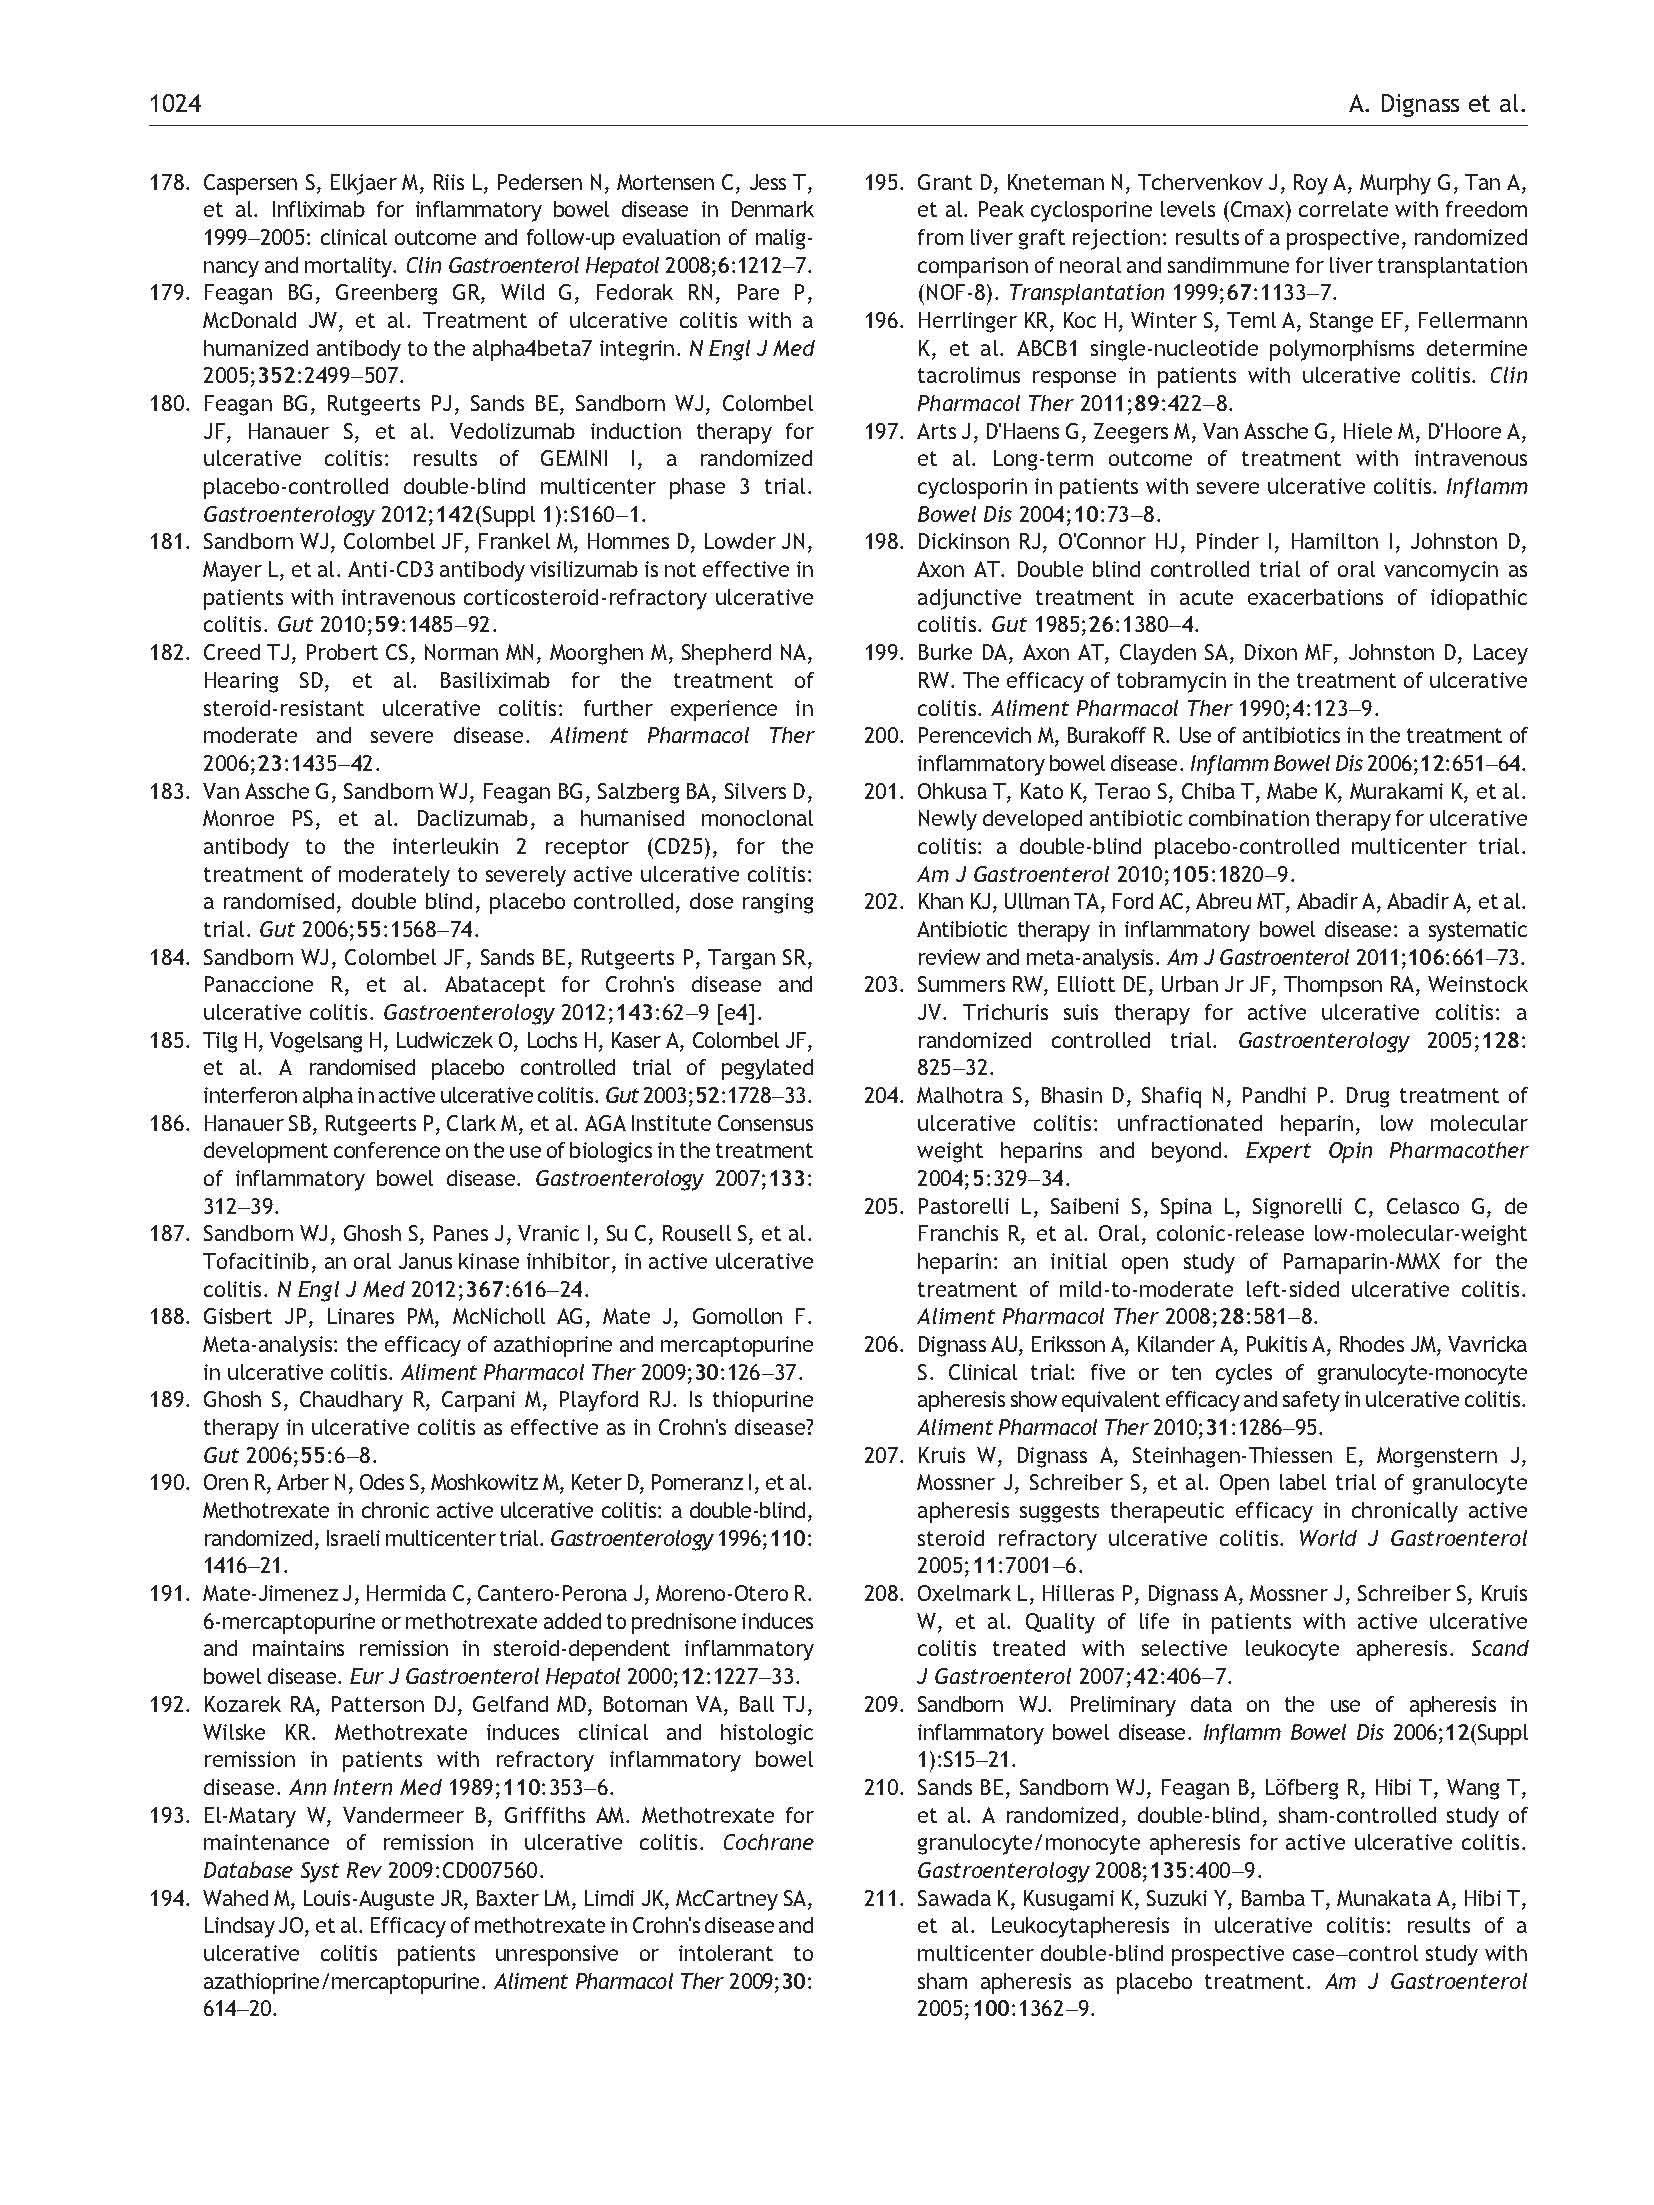 2012-ECCO第二版-欧洲询证共识:溃疡性结肠炎的诊断和处理—日常处理_页面_34.jpg